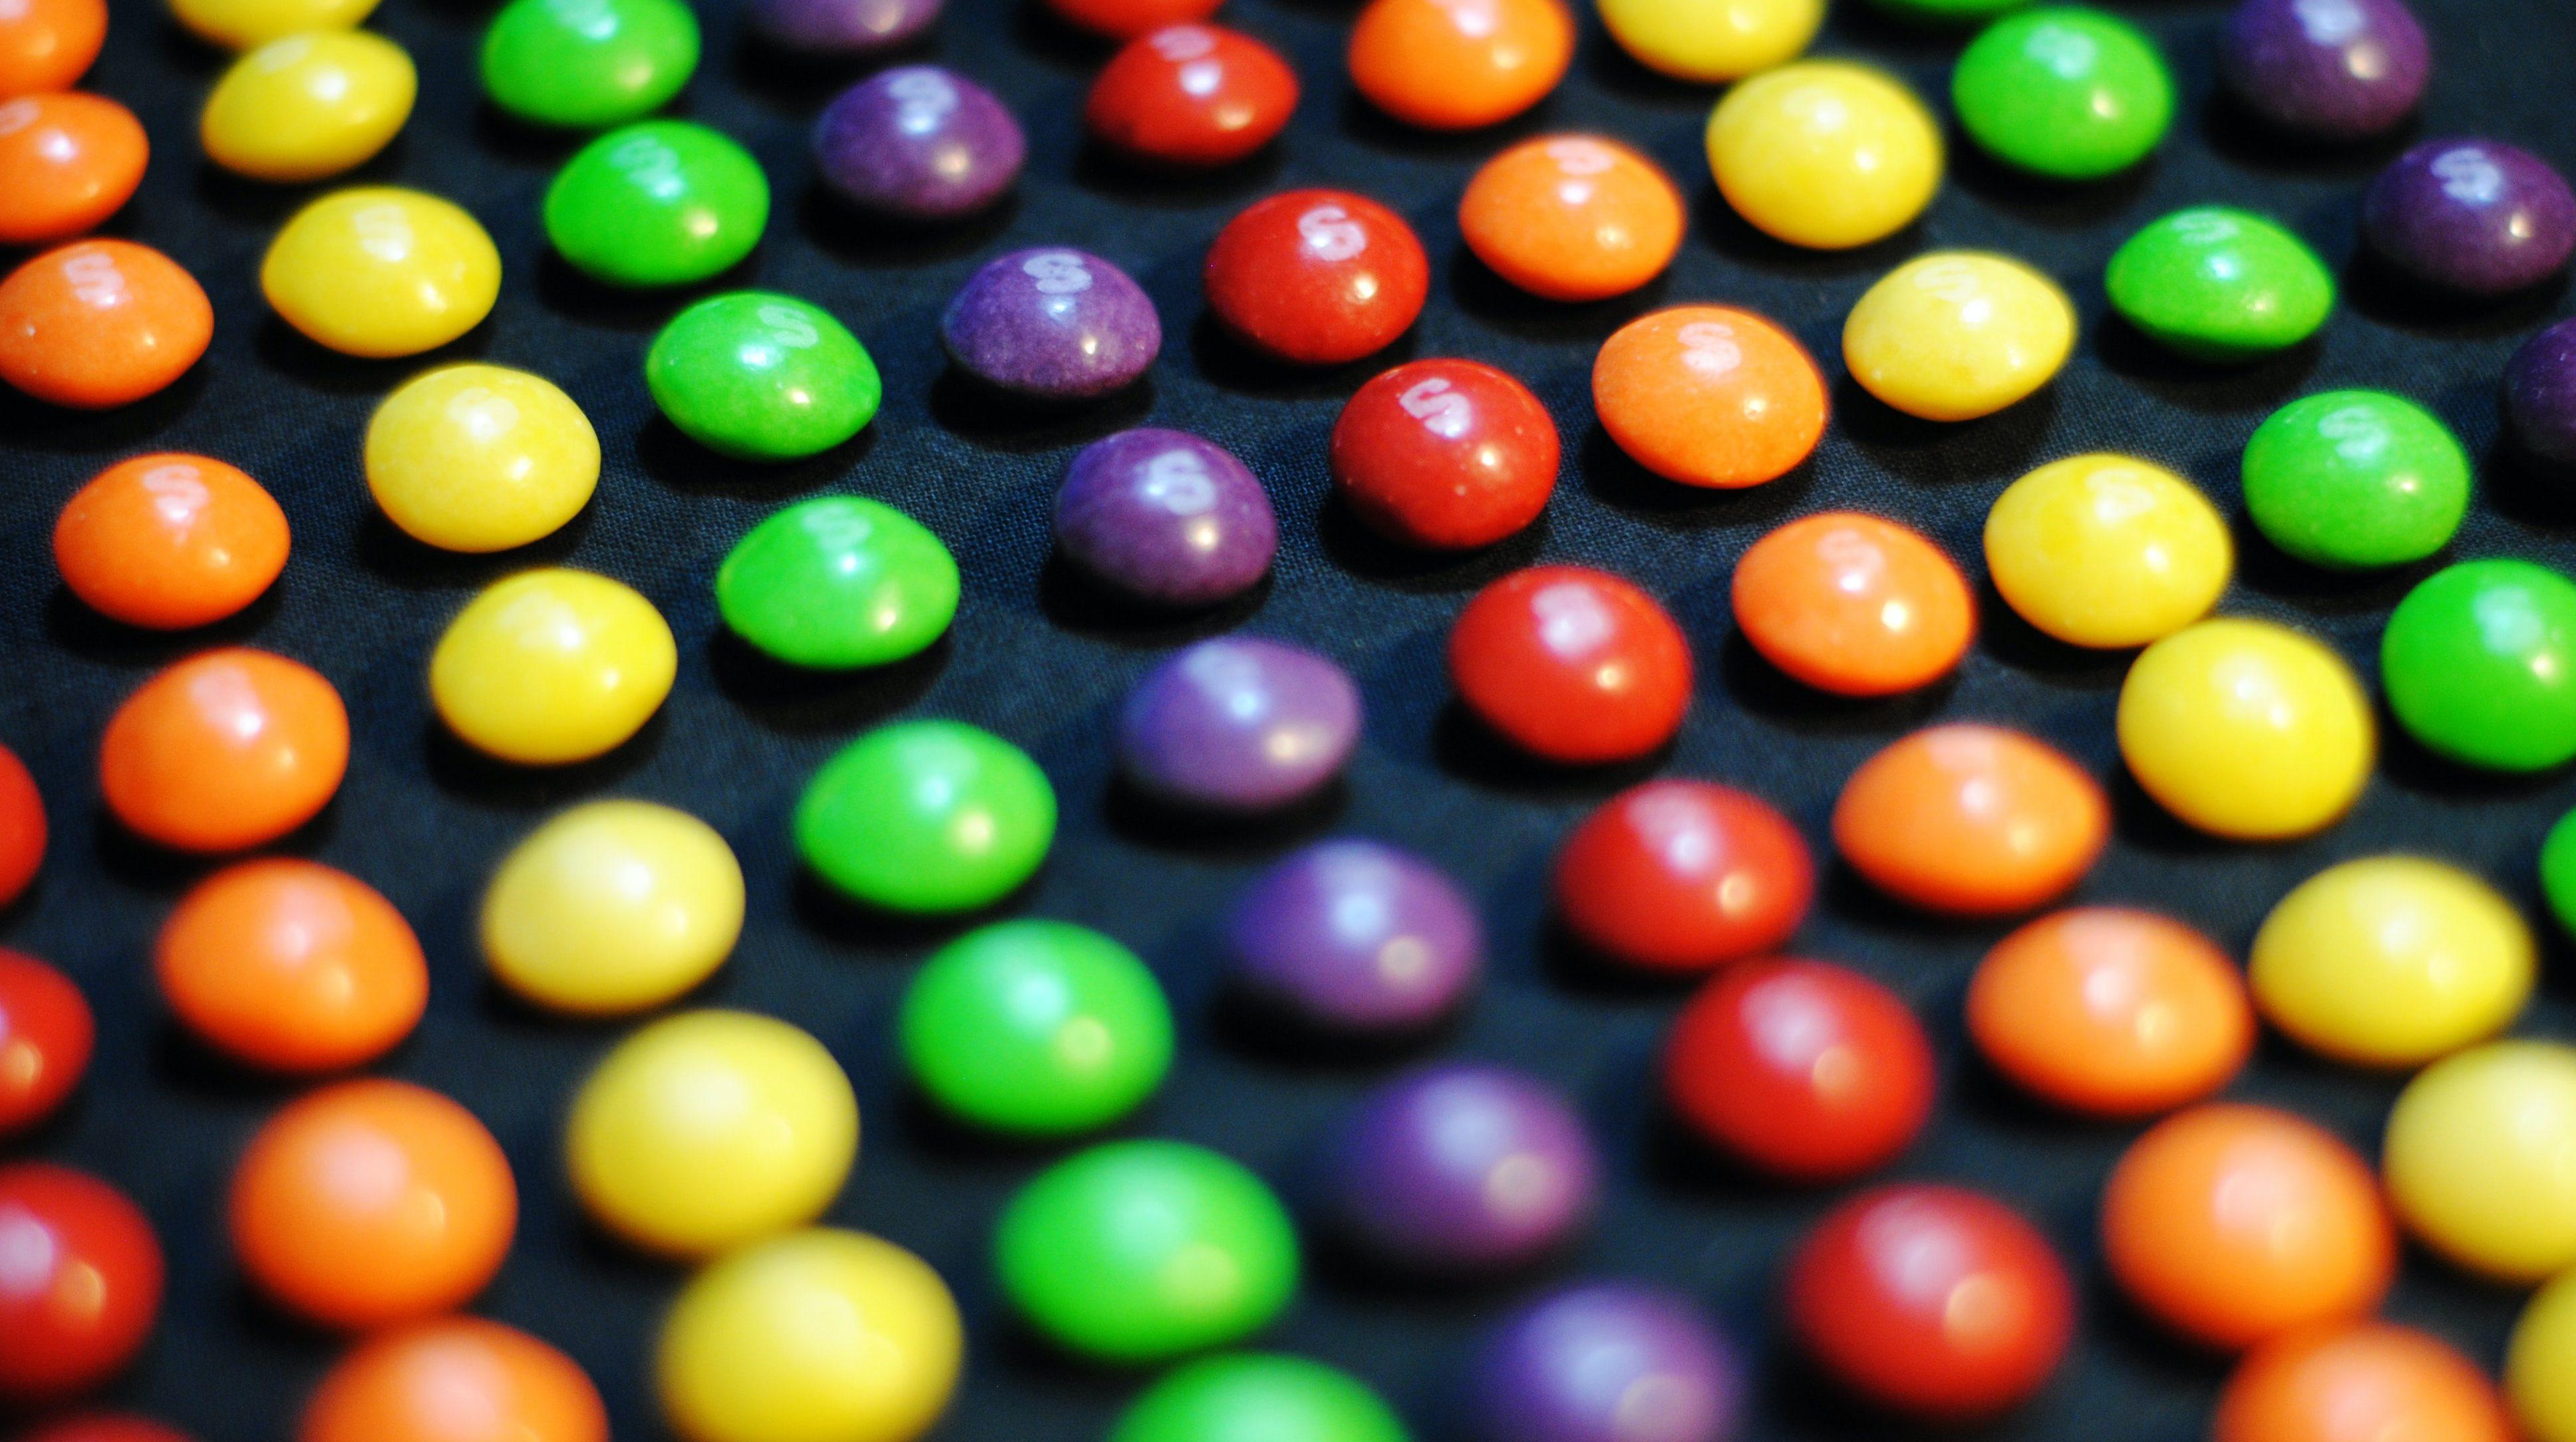 comer menos doce na quarentena